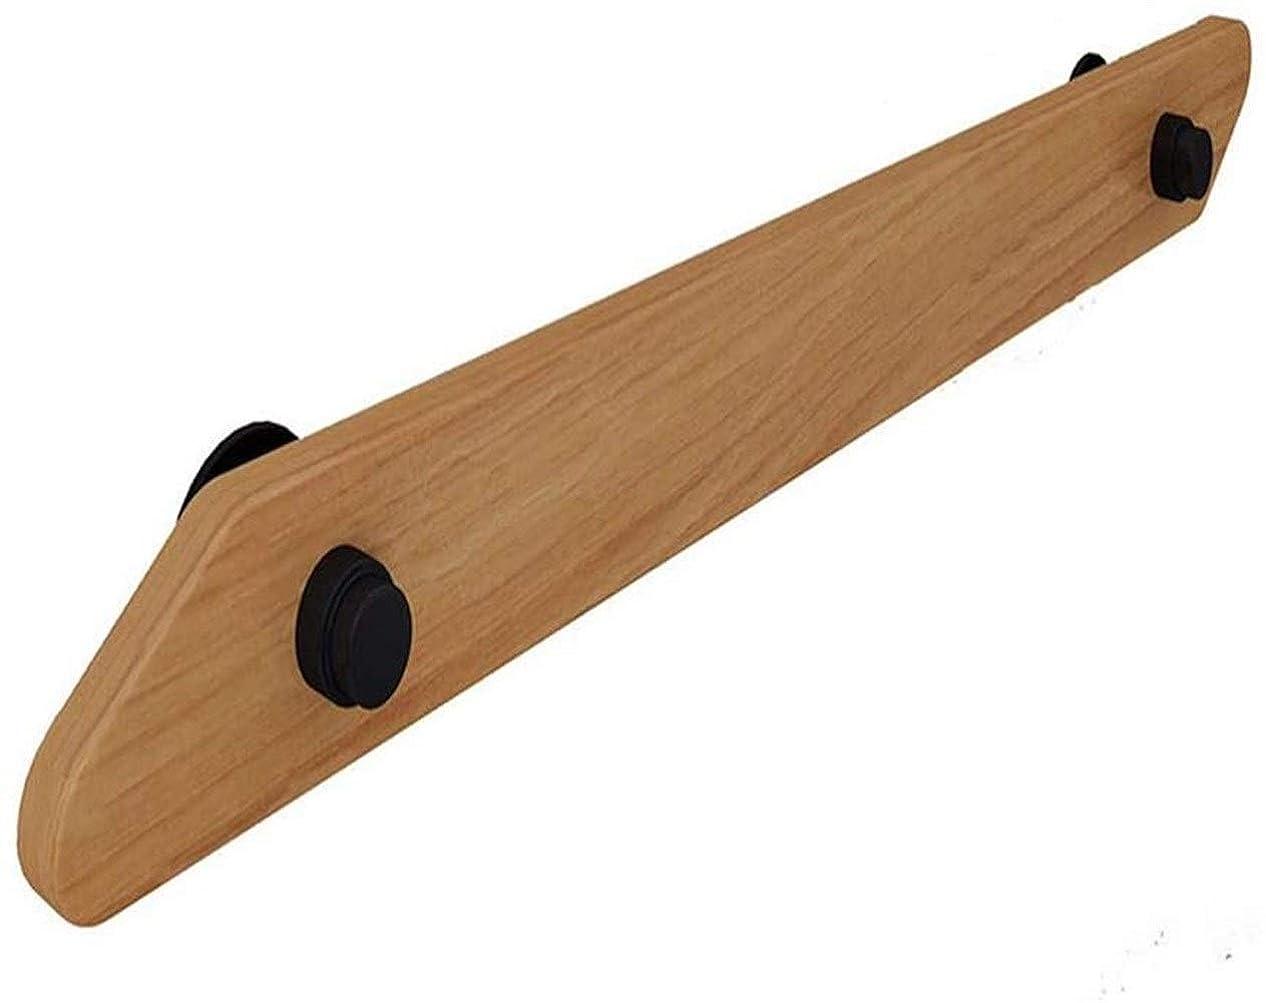 種権限を与えるカトリック教徒WI.JU.H 壁、木目をクリアし、環境にやさしい塗料表面、すべり止め、カスタマイズ、サイズのソリッドウッド階段の手すりオプション (Size : 150cm)